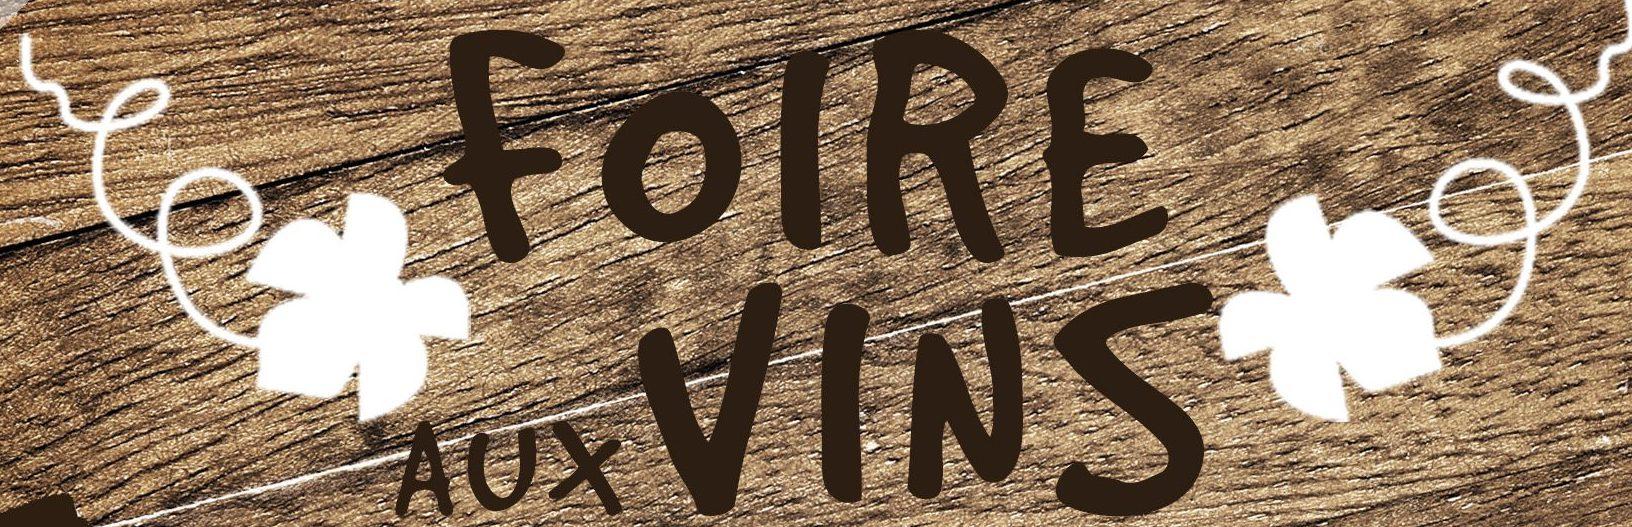 foire aux vins 2017 caviste la grande motte le petit chai cave vin degustation decouverte bonnes affaires